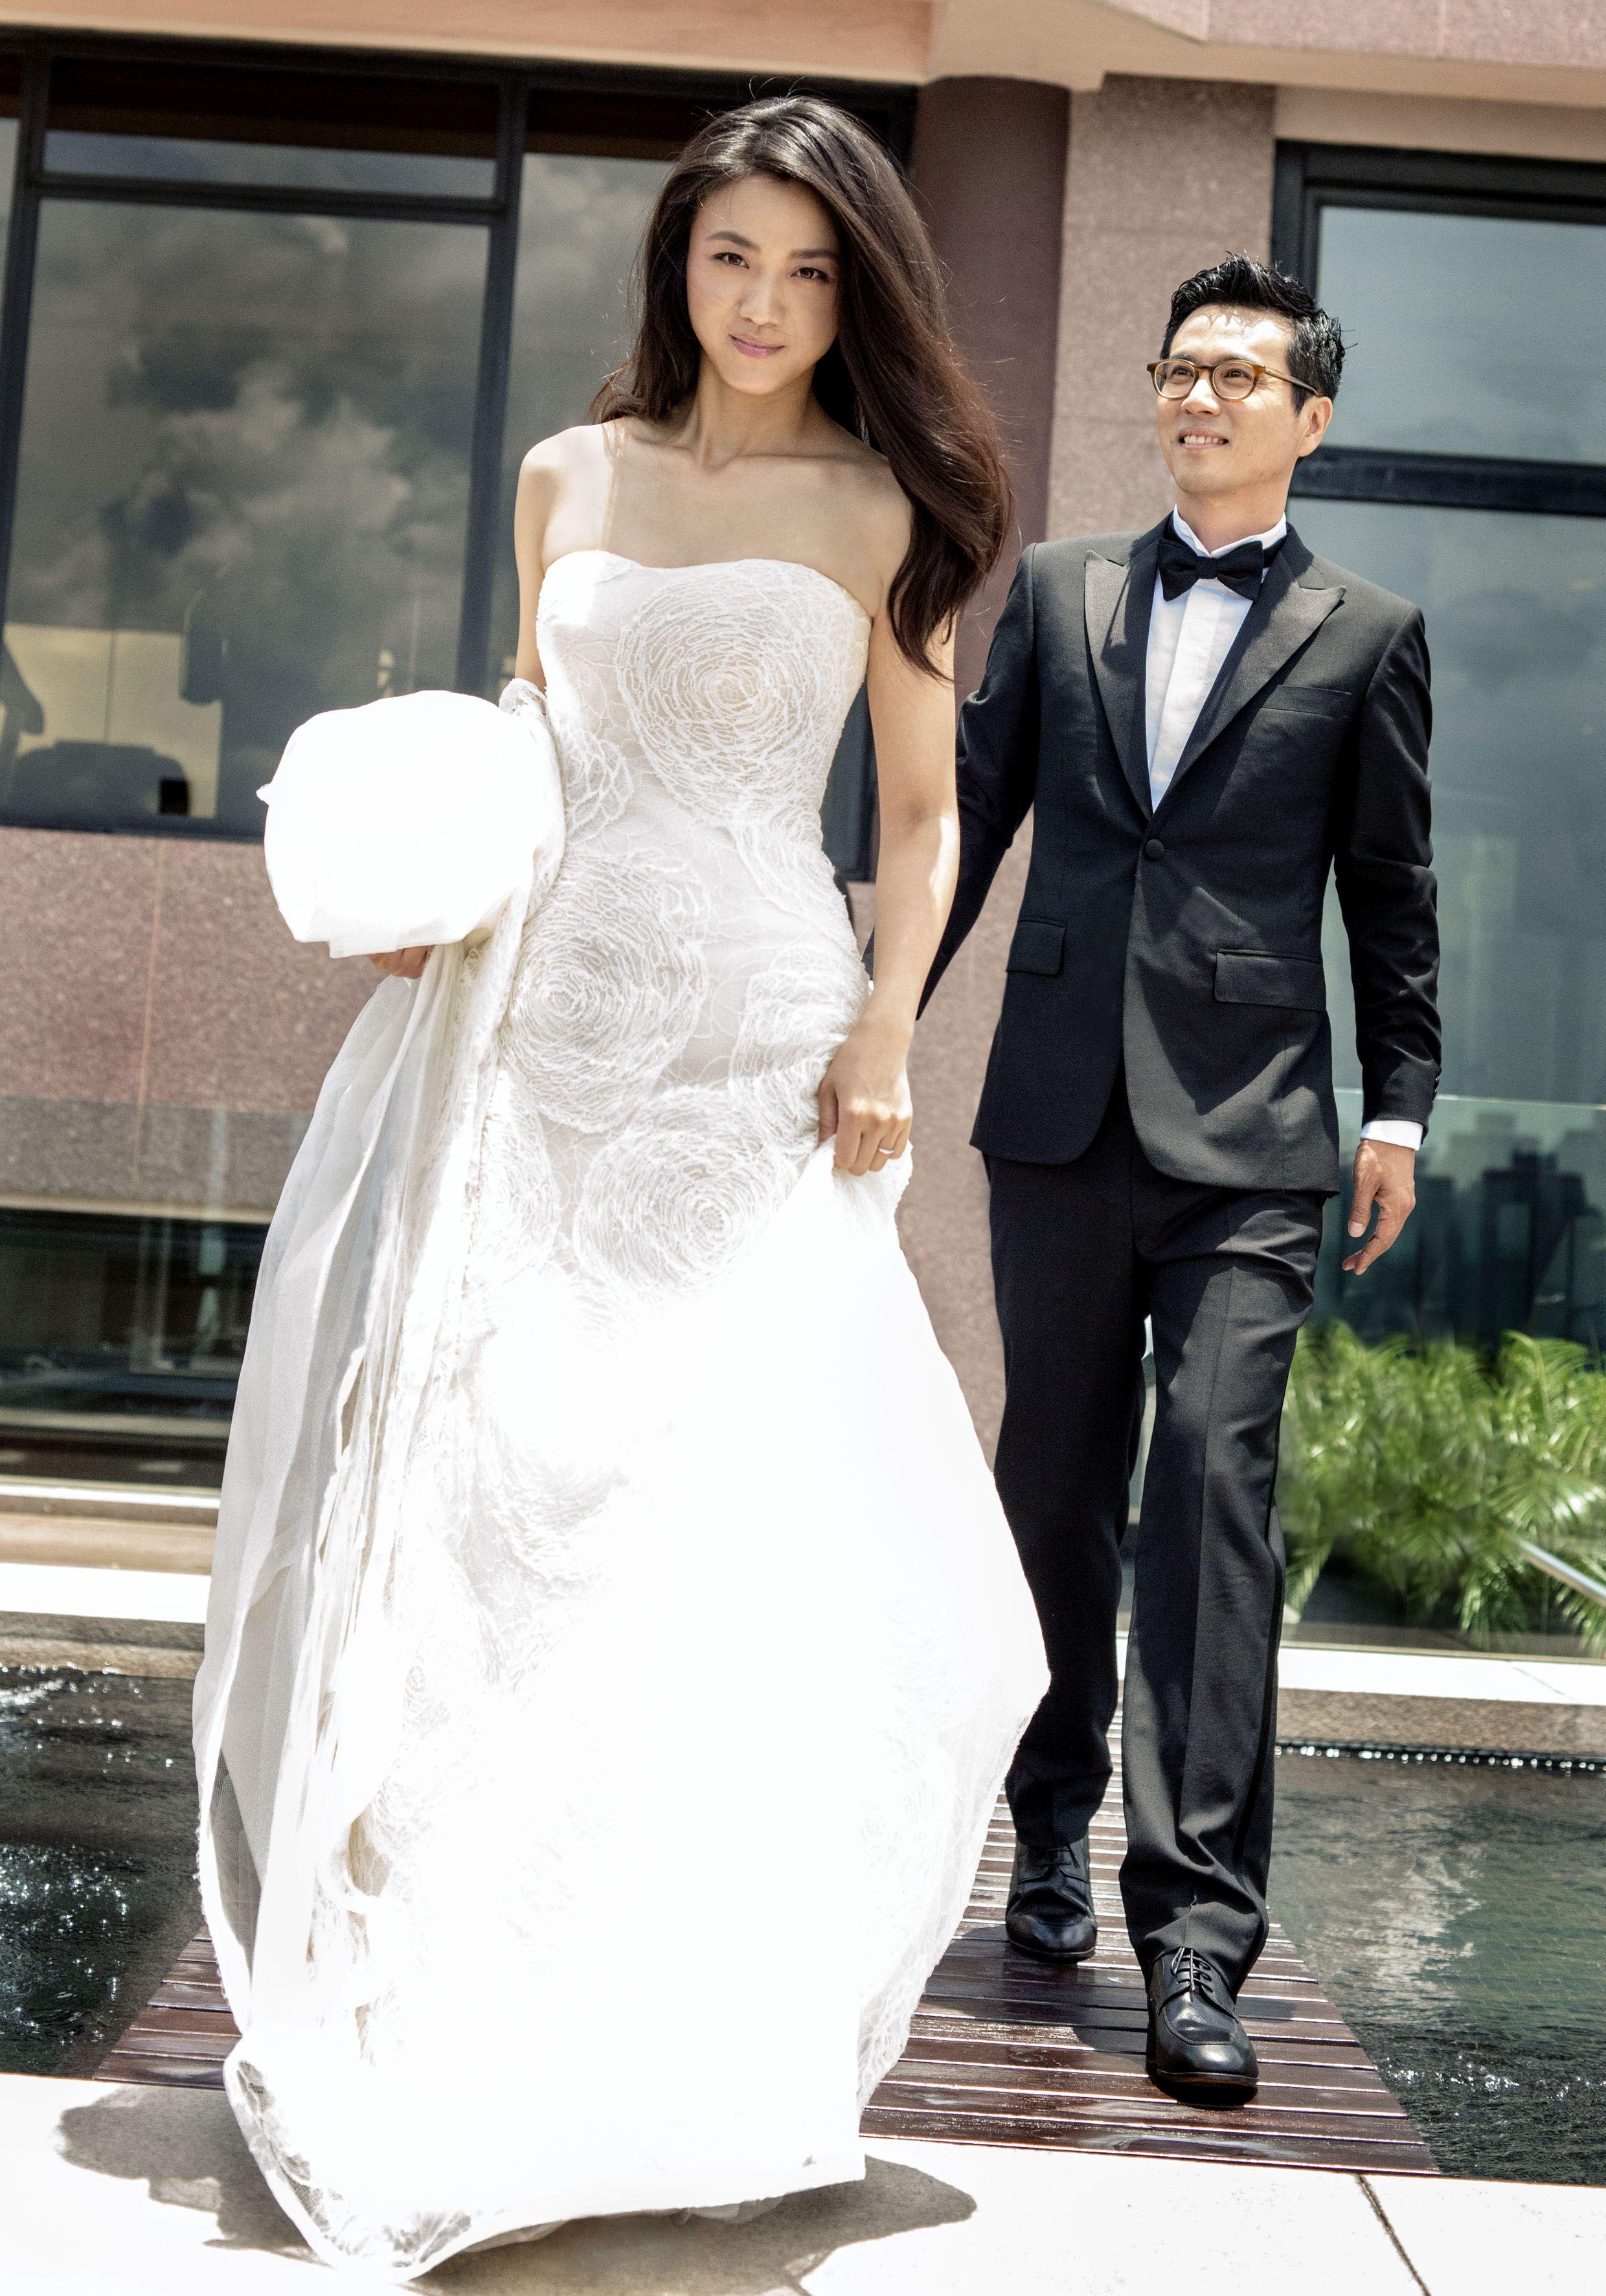 2014年8月19日,近日,汤唯与金泰勇正式结为夫妻。婚纱照曝光。